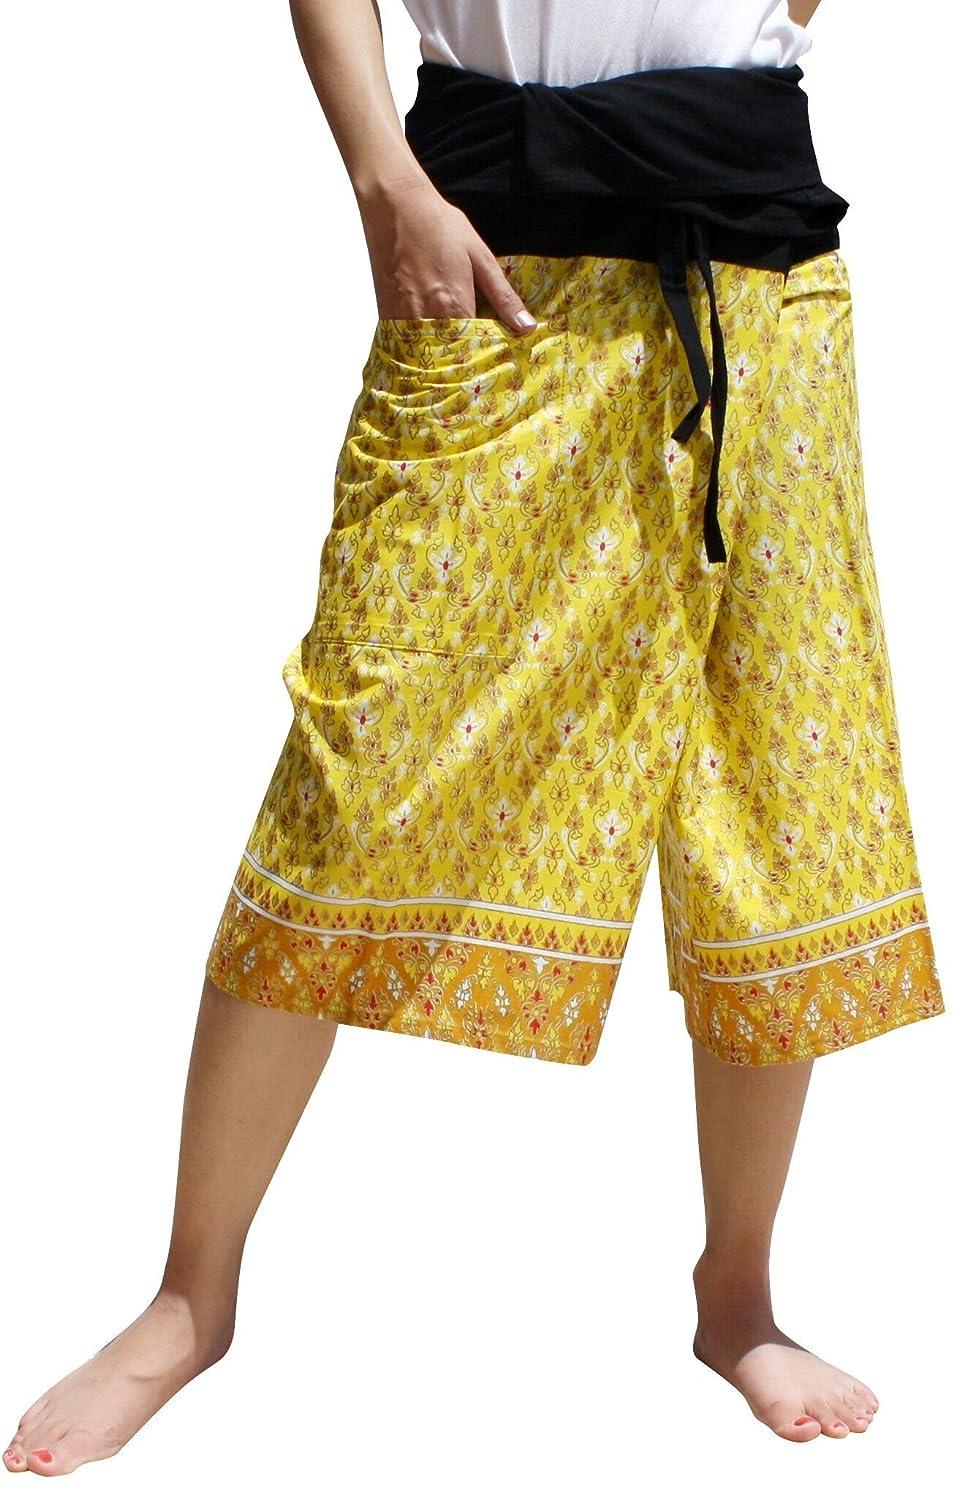 卸し売り購入 Raan Pah Muang a PANTS メンズ B07G4DRJ6P Pah Medium|Sukhothai メンズ a Yellow Sukhothai a Yellow Medium, 小国町:b05b061e --- palmistry.woxpedia.com